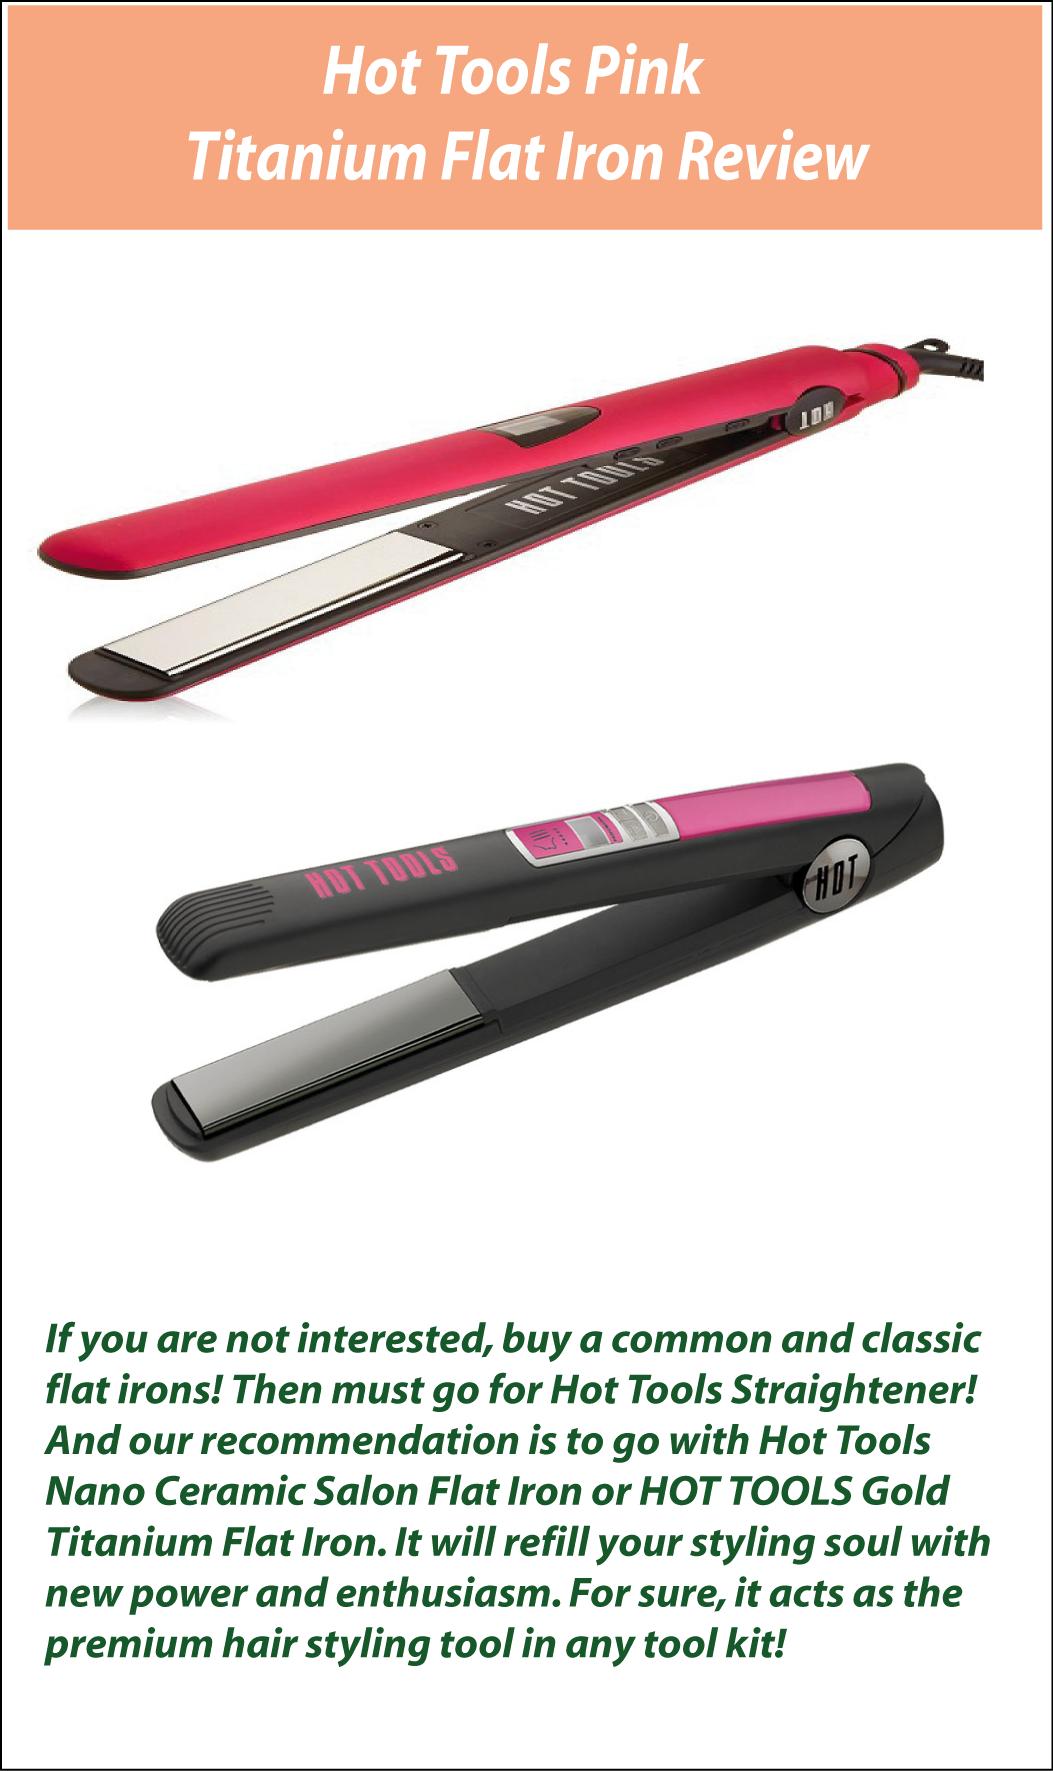 Hot Tools Pink Titanium Flat Iron Review  Titanium flat iron Flat